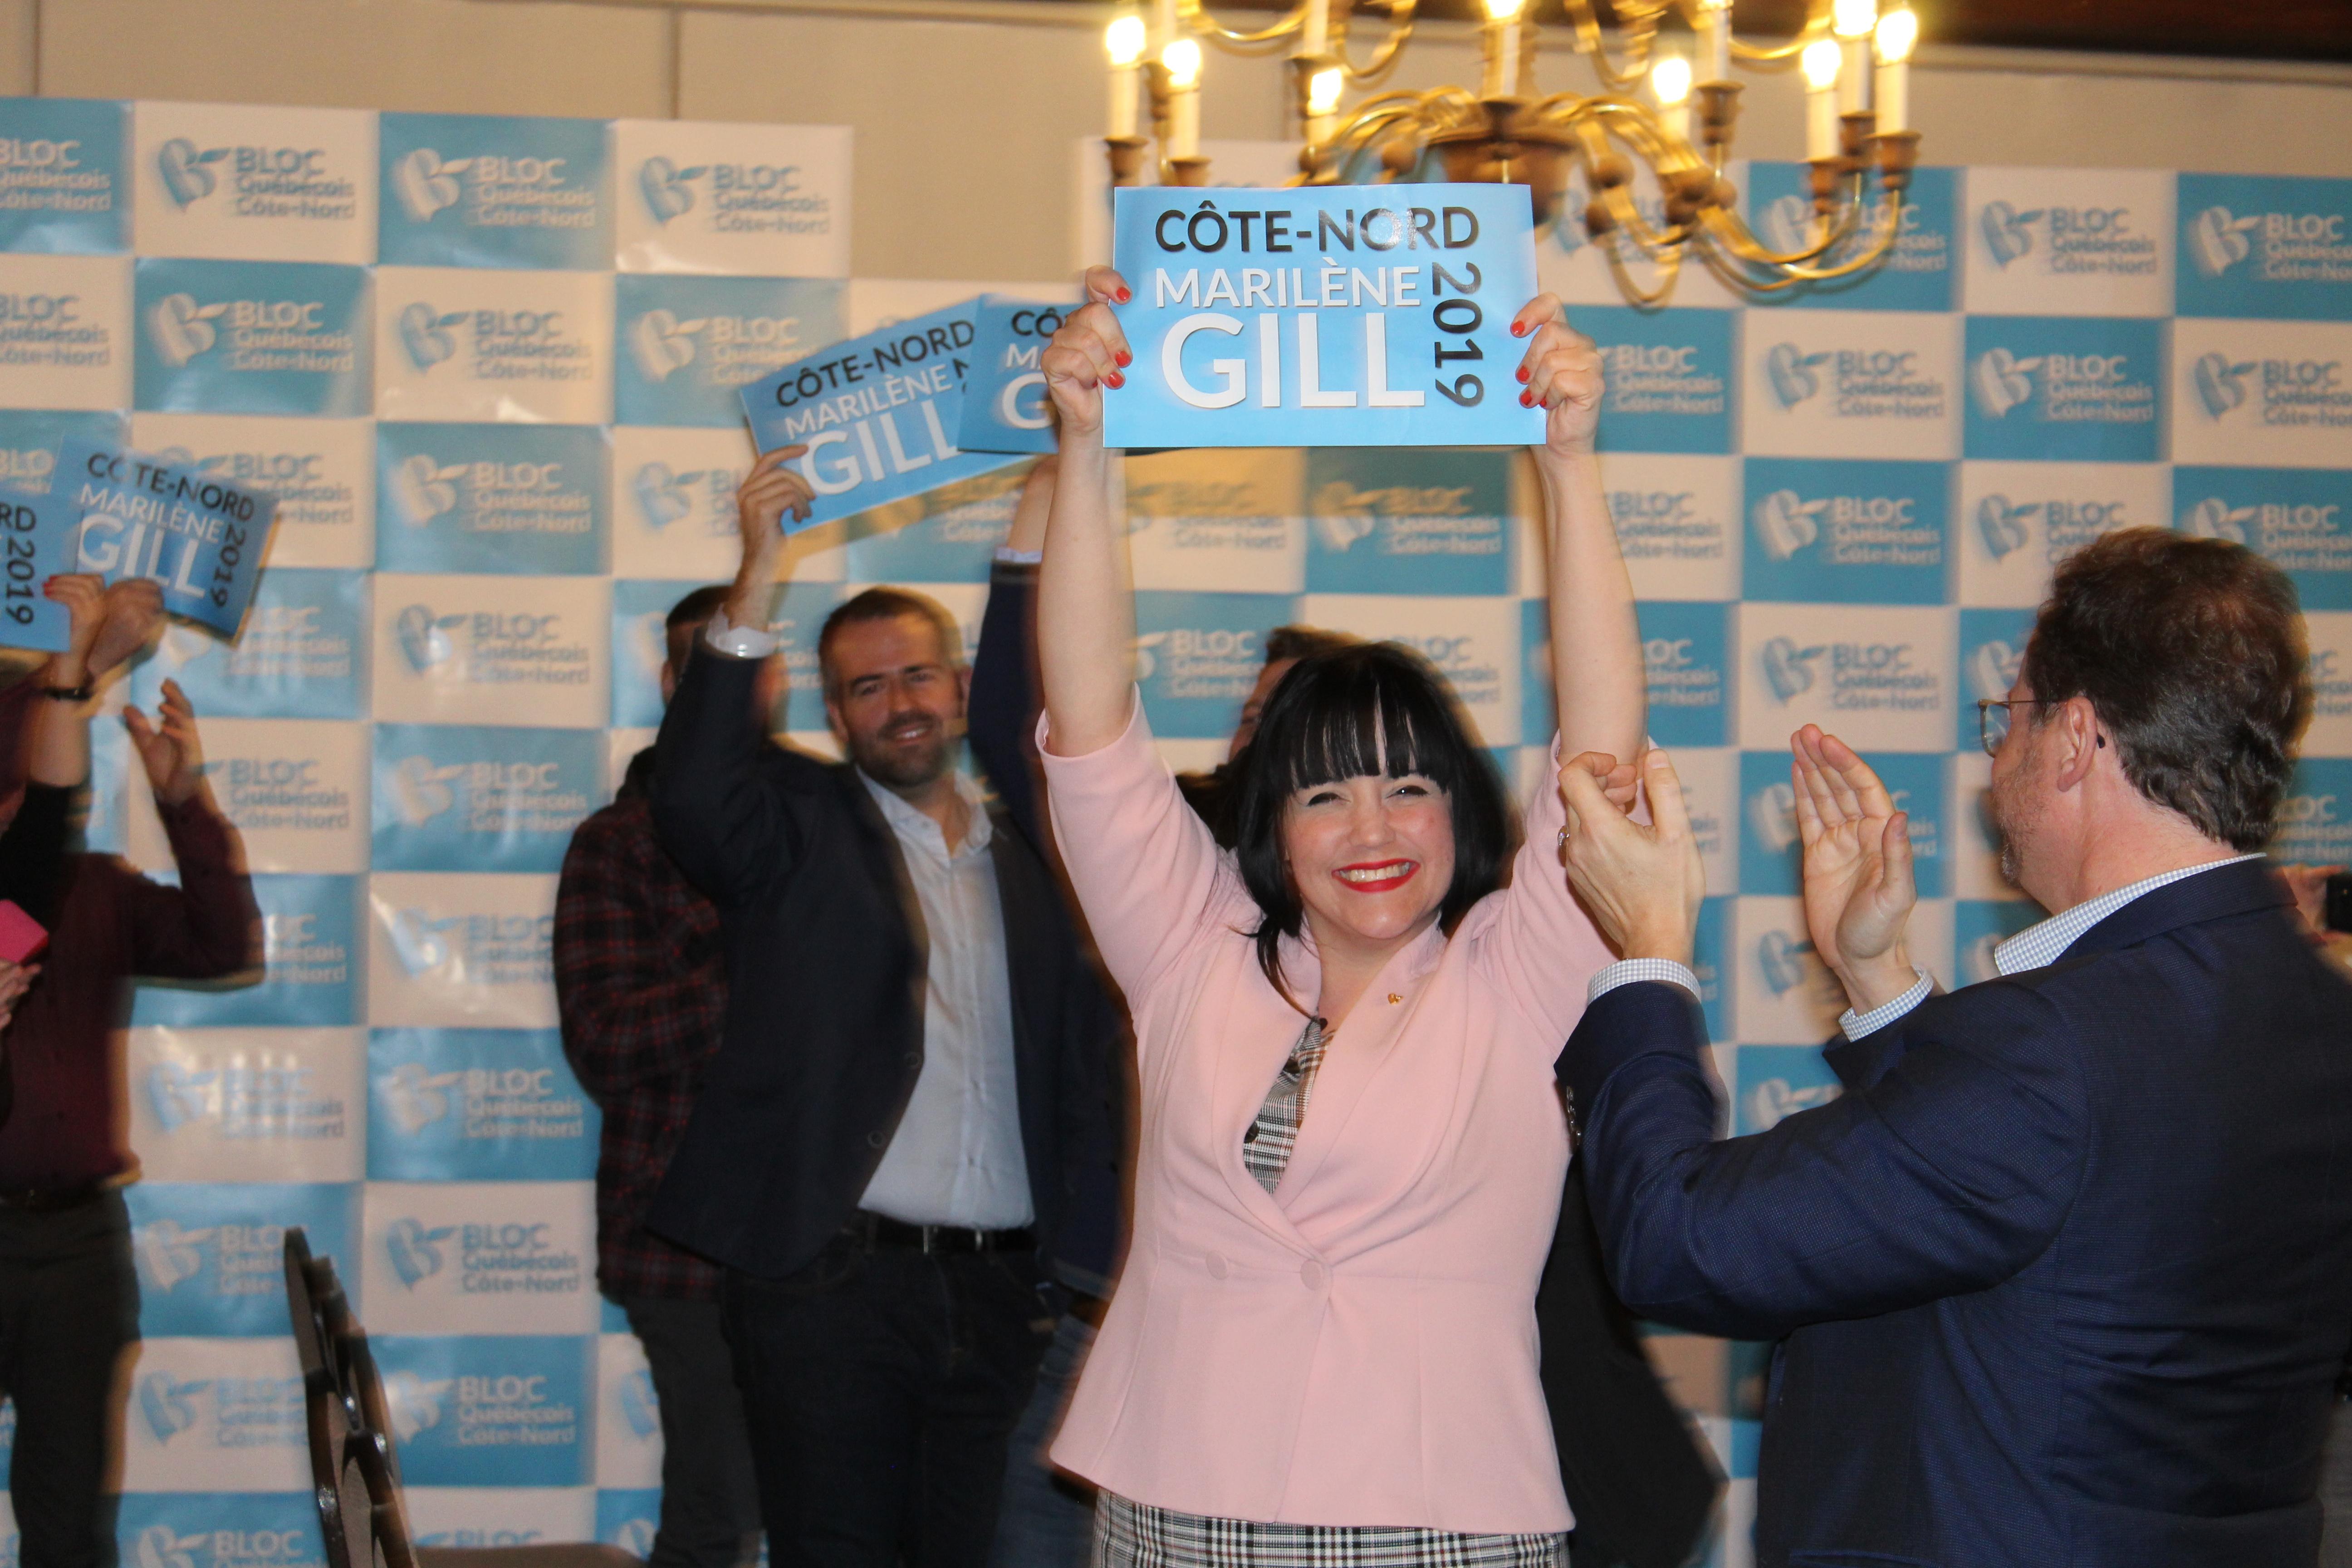 Marilène Gill est confirmée comme candidate du Bloc